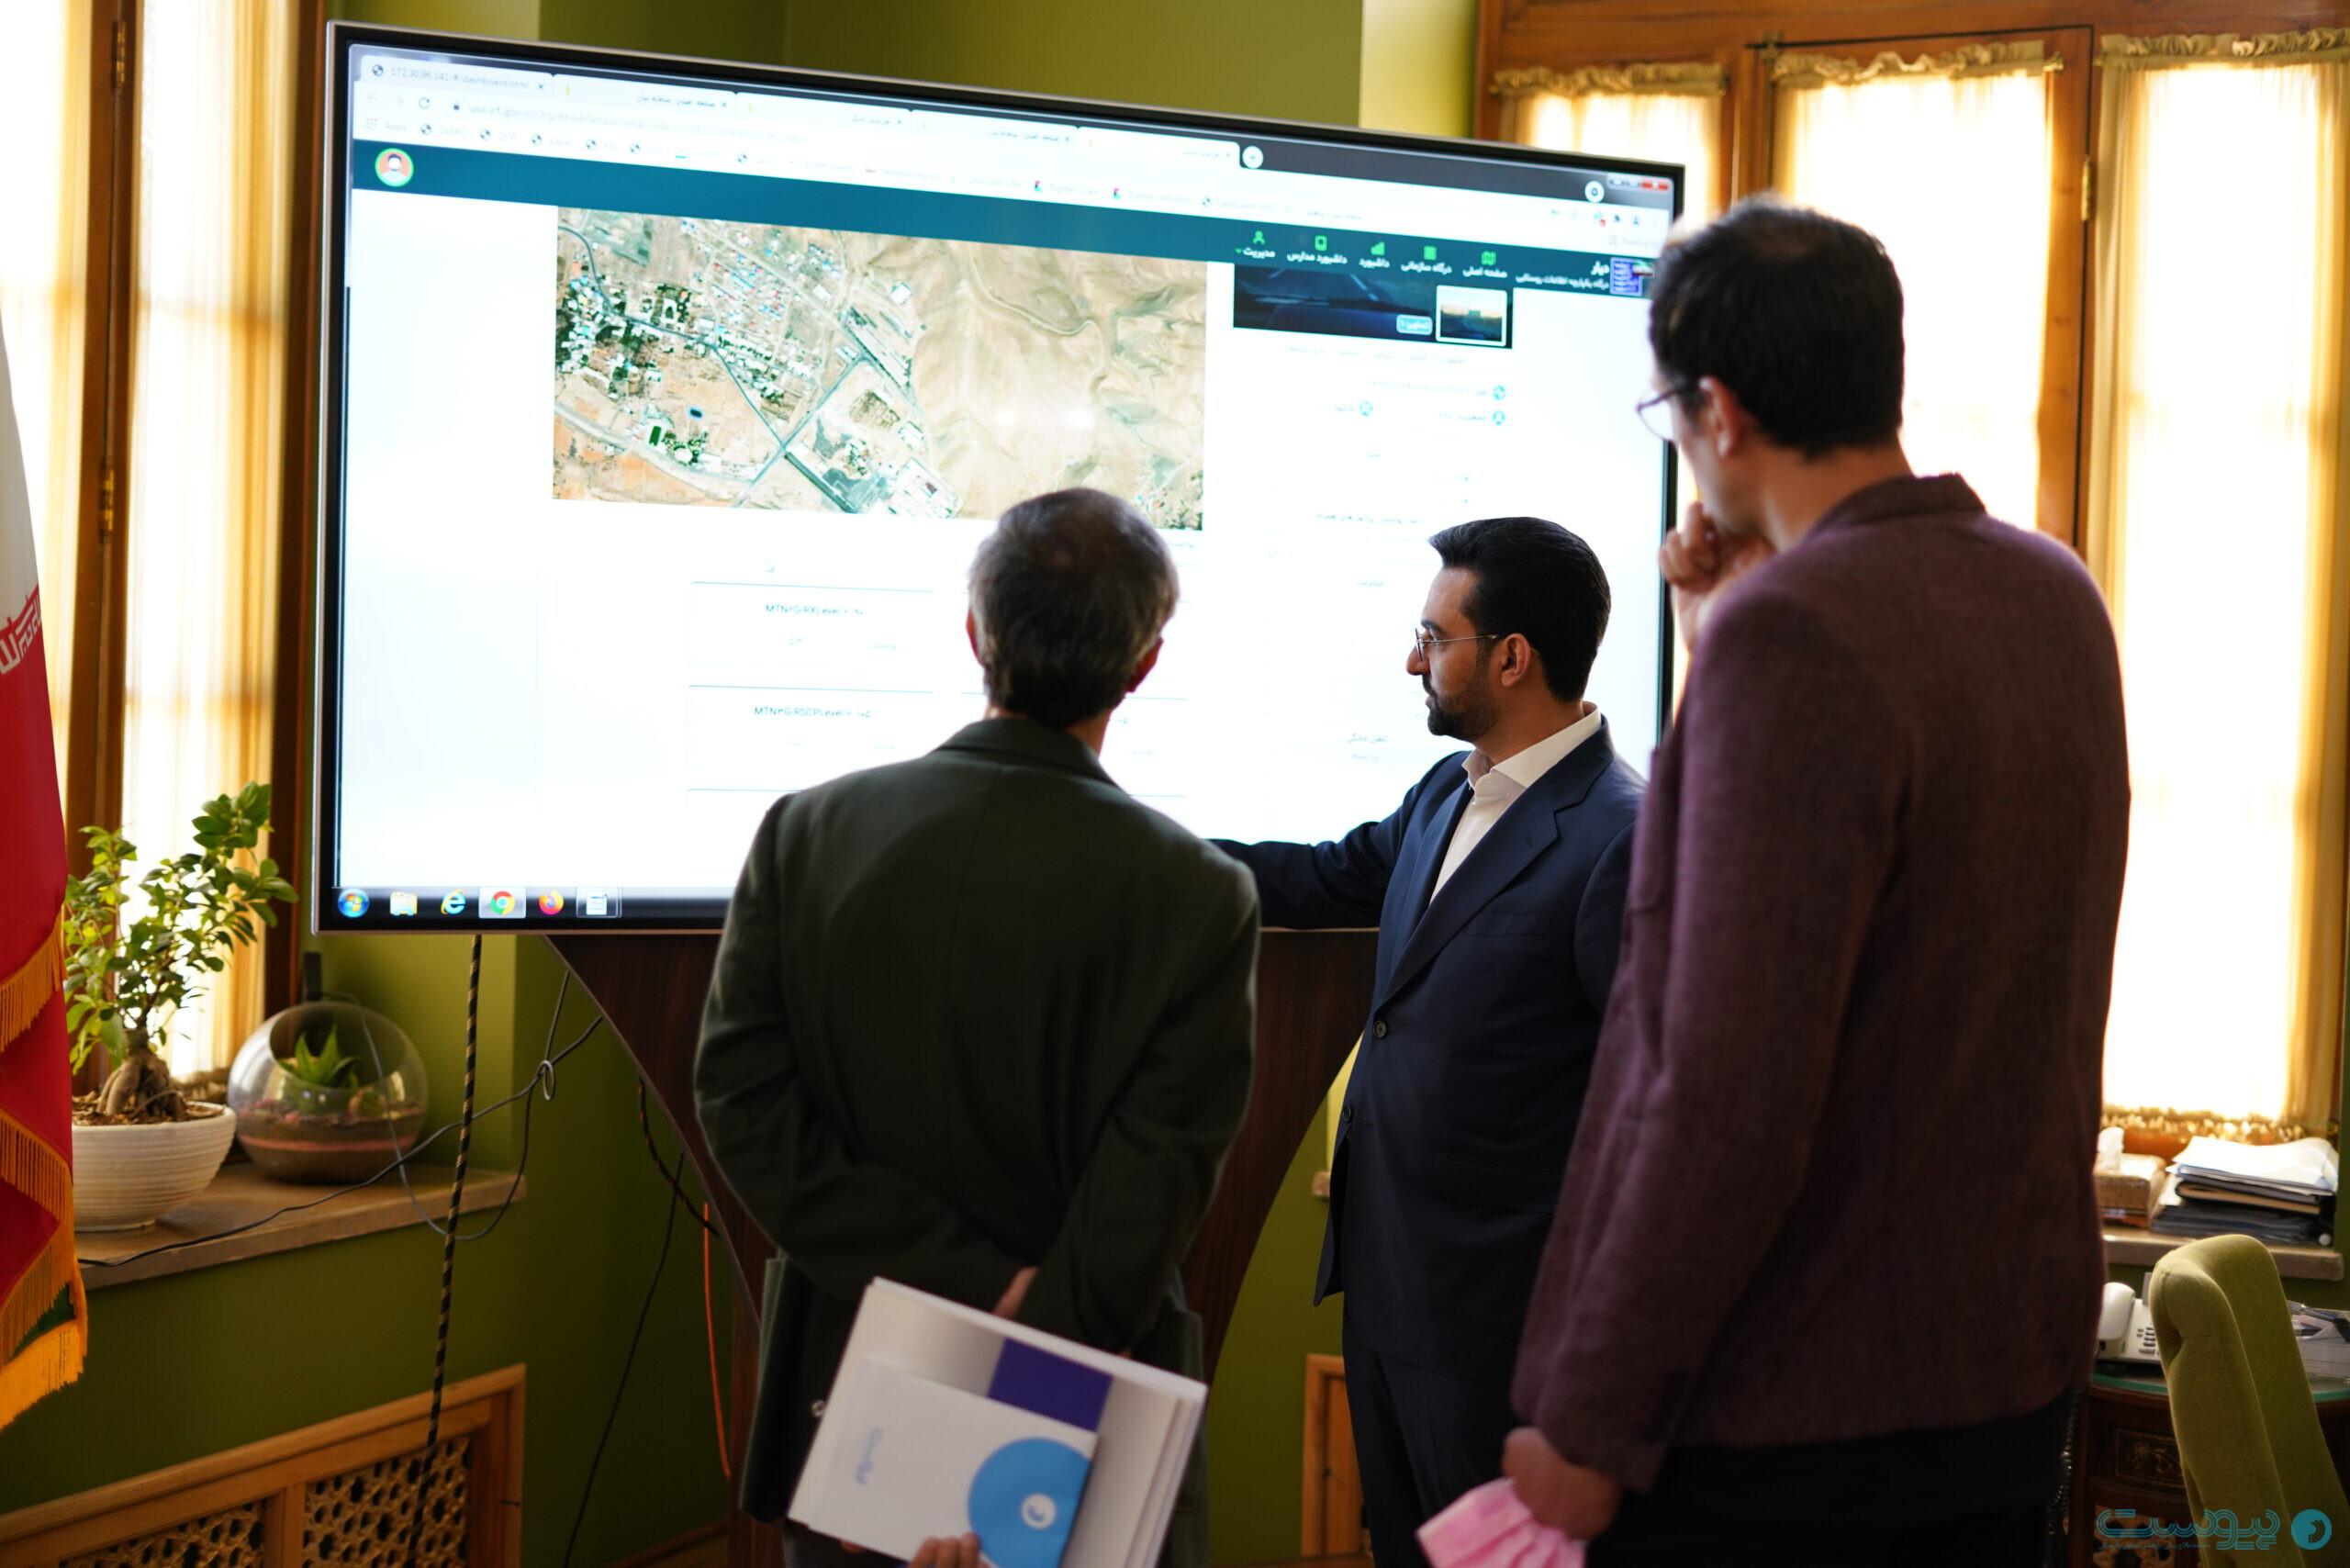 آذری جهرمی وزیر ارتباطات و فناوری اطلاعات در حال توضیح درباره سامانه پاییش شبکه در سراسر کشور